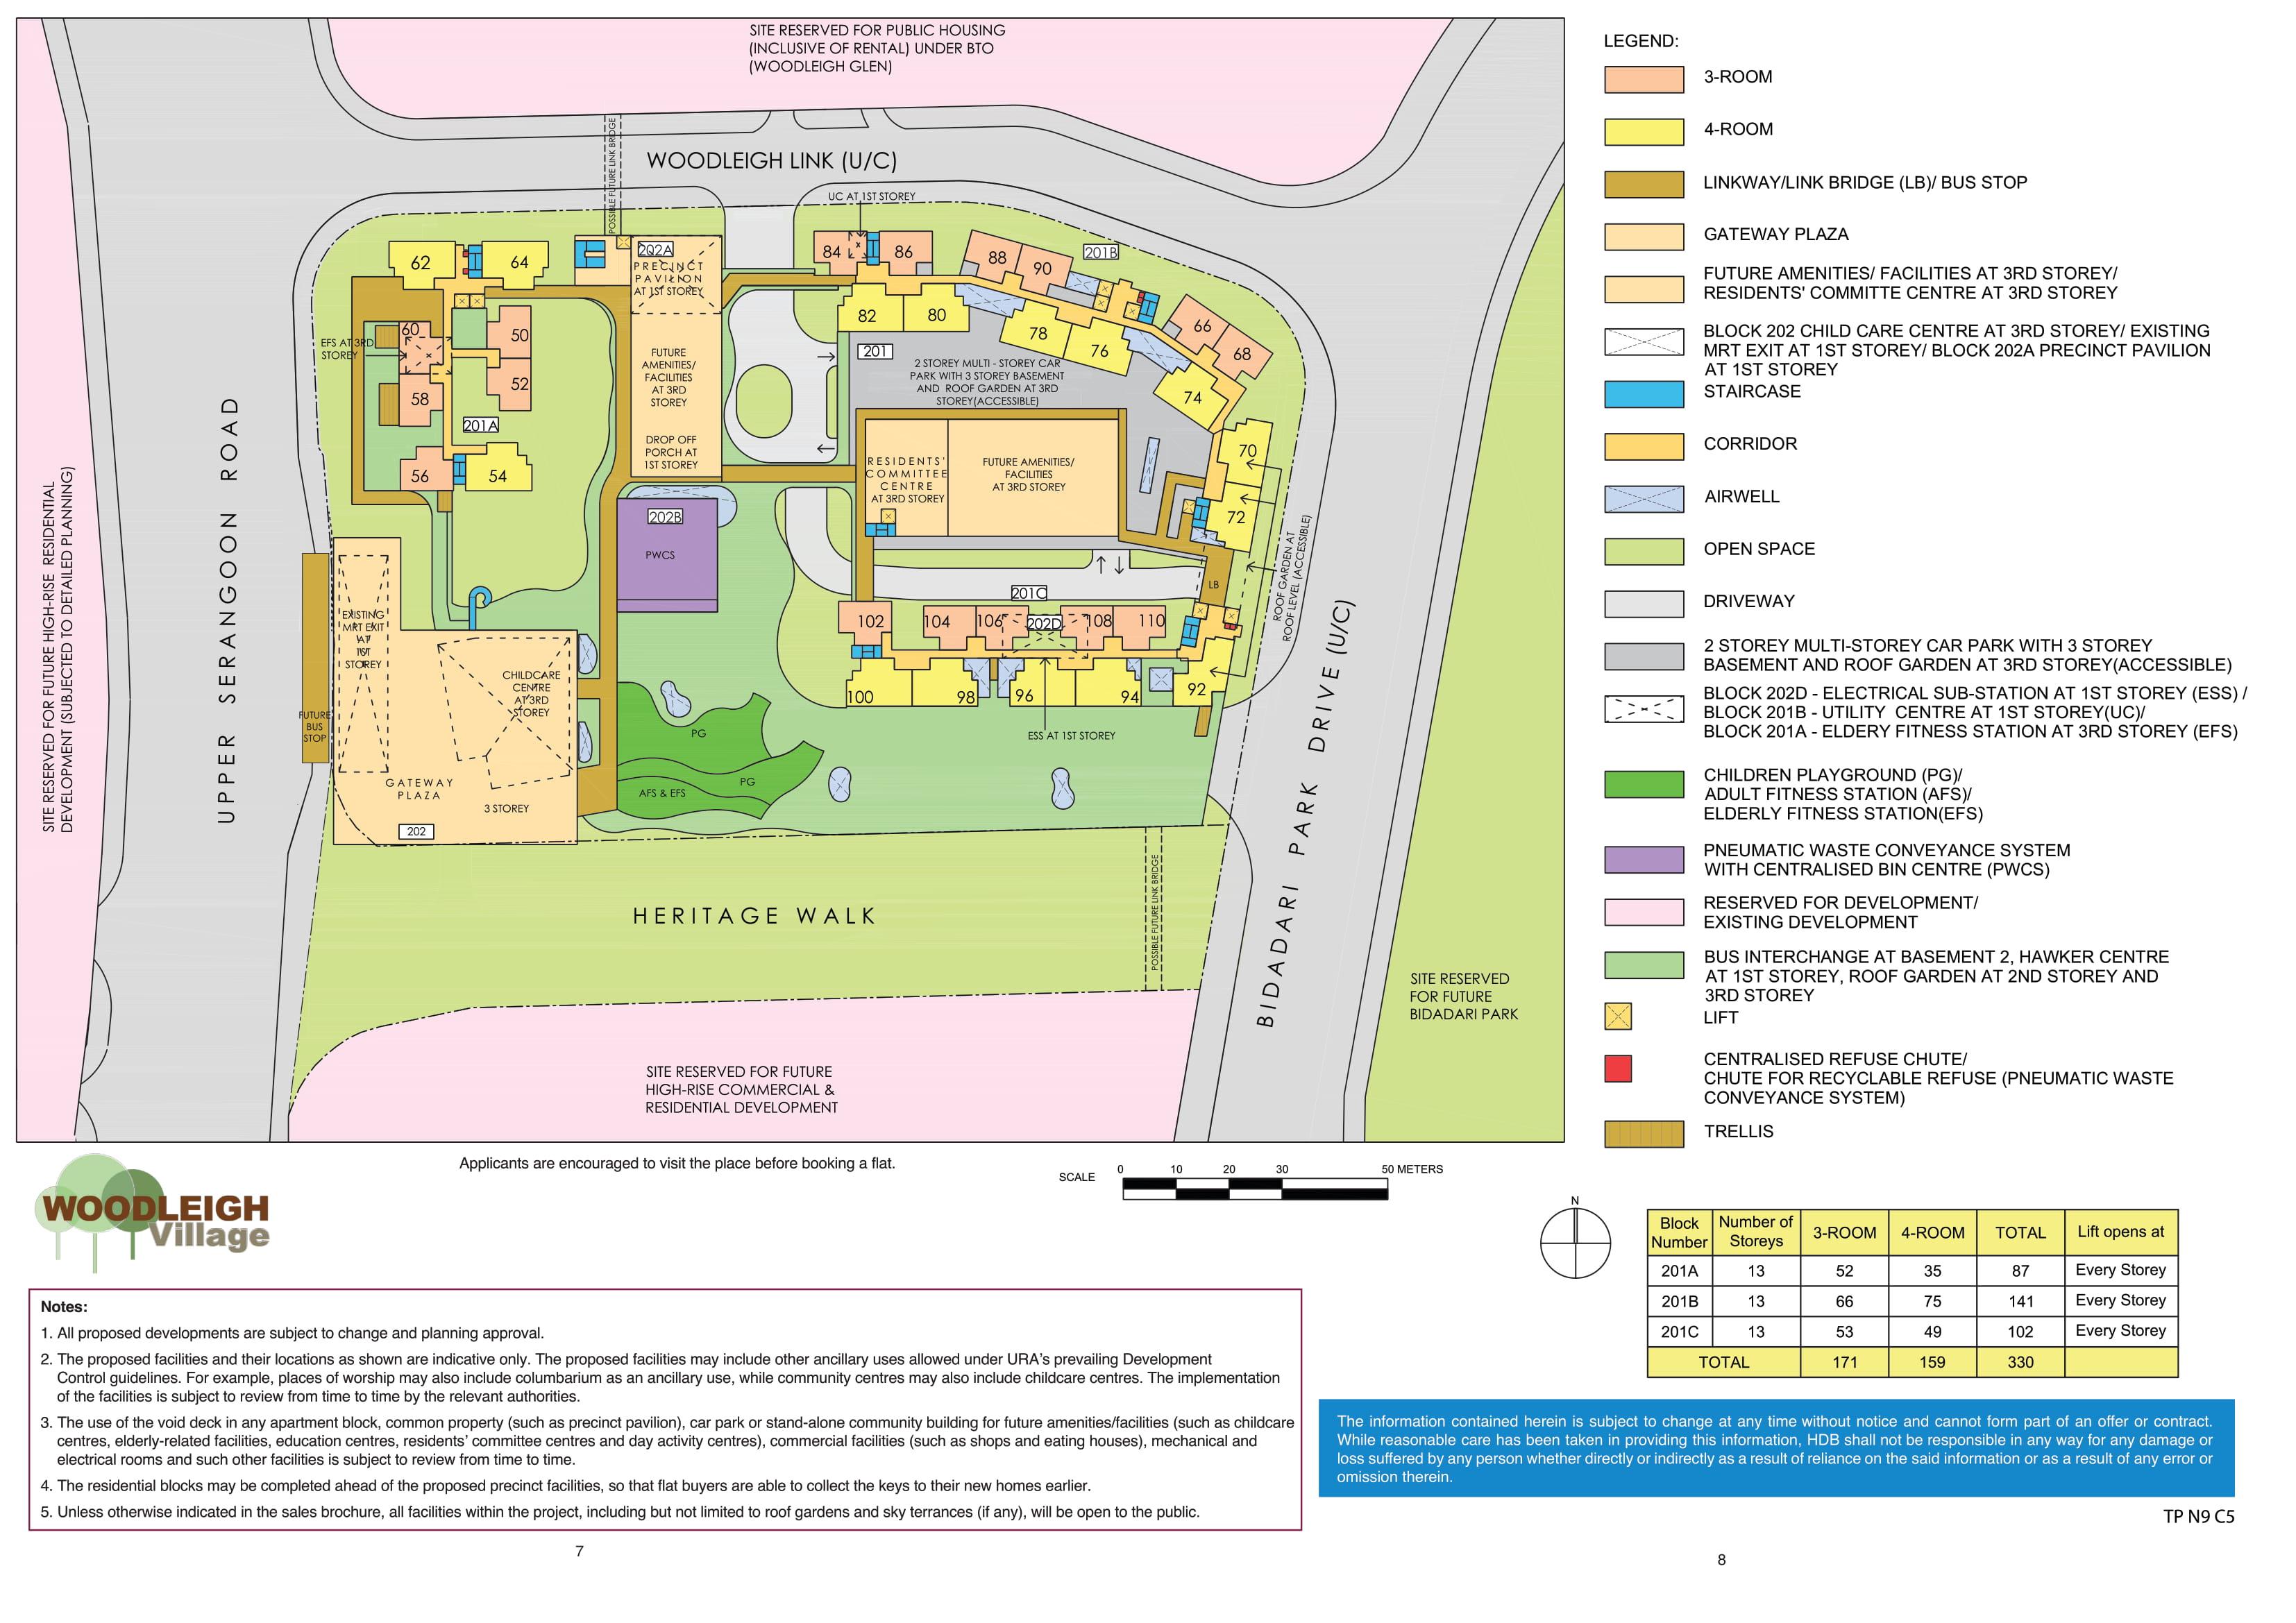 Woodleigh Village Site Plan